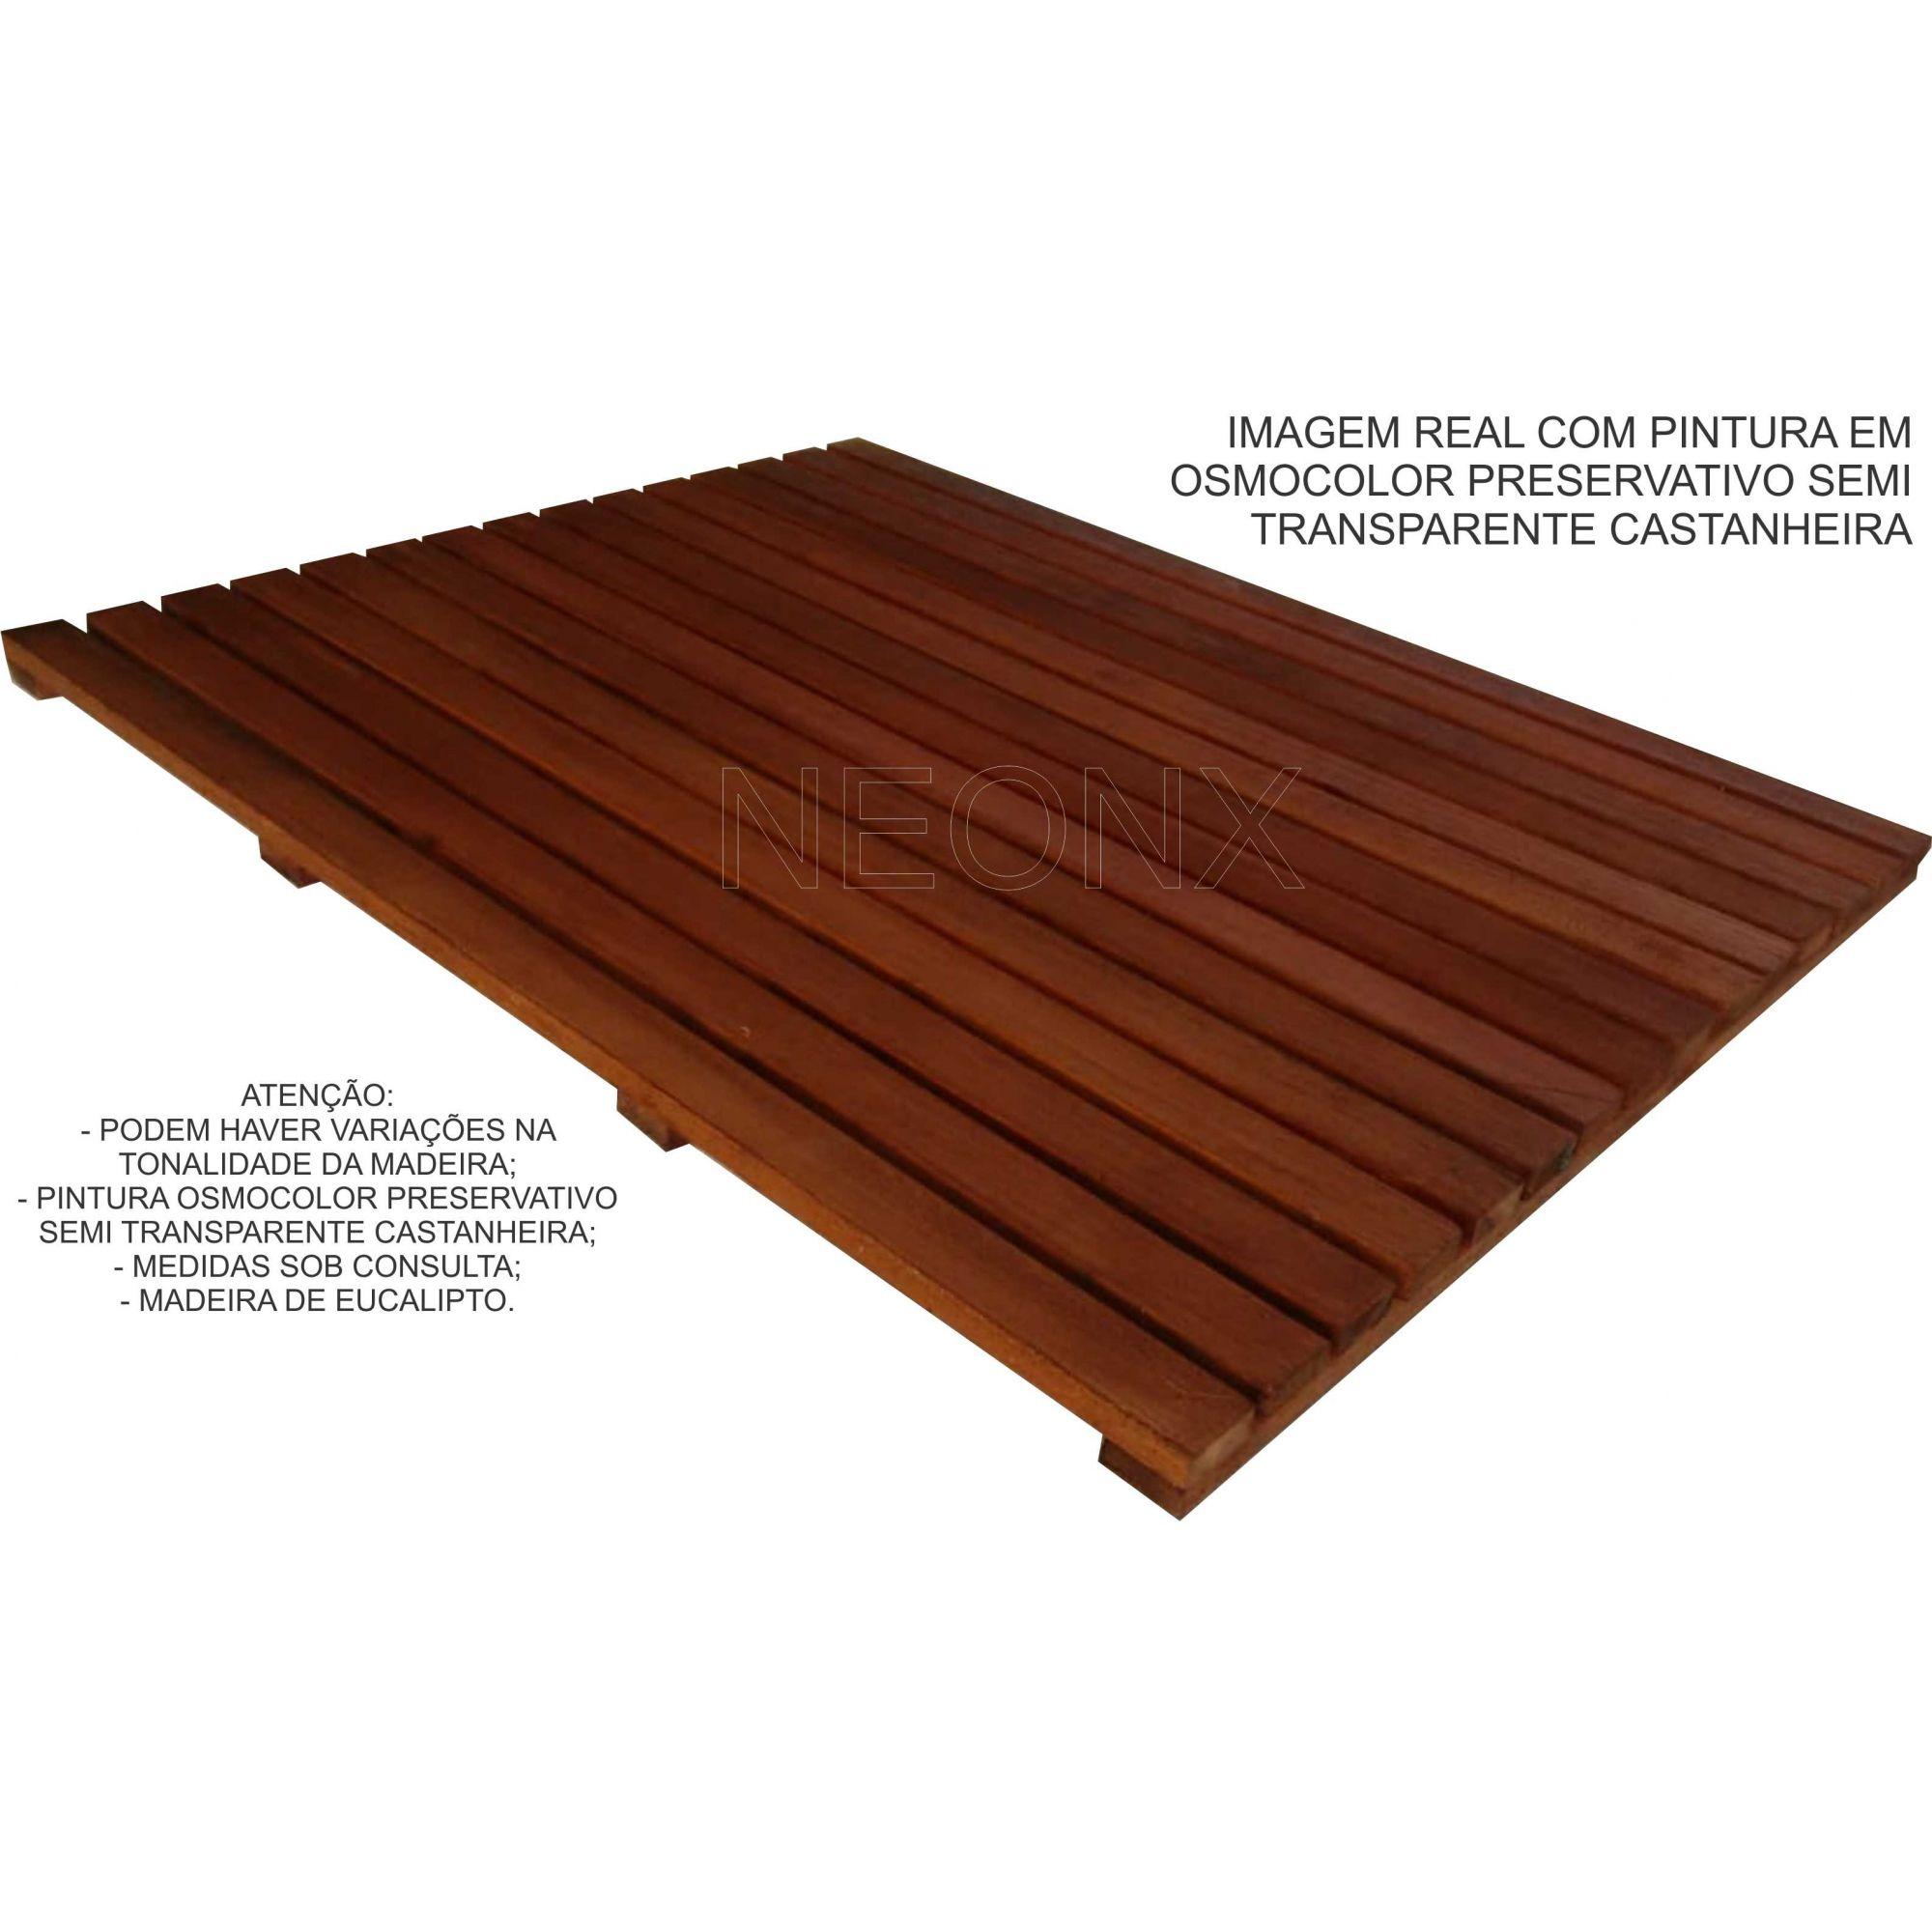 Deck De Madeira Chuveiro Box Banheiro Capacho 110x80 cm Verniz